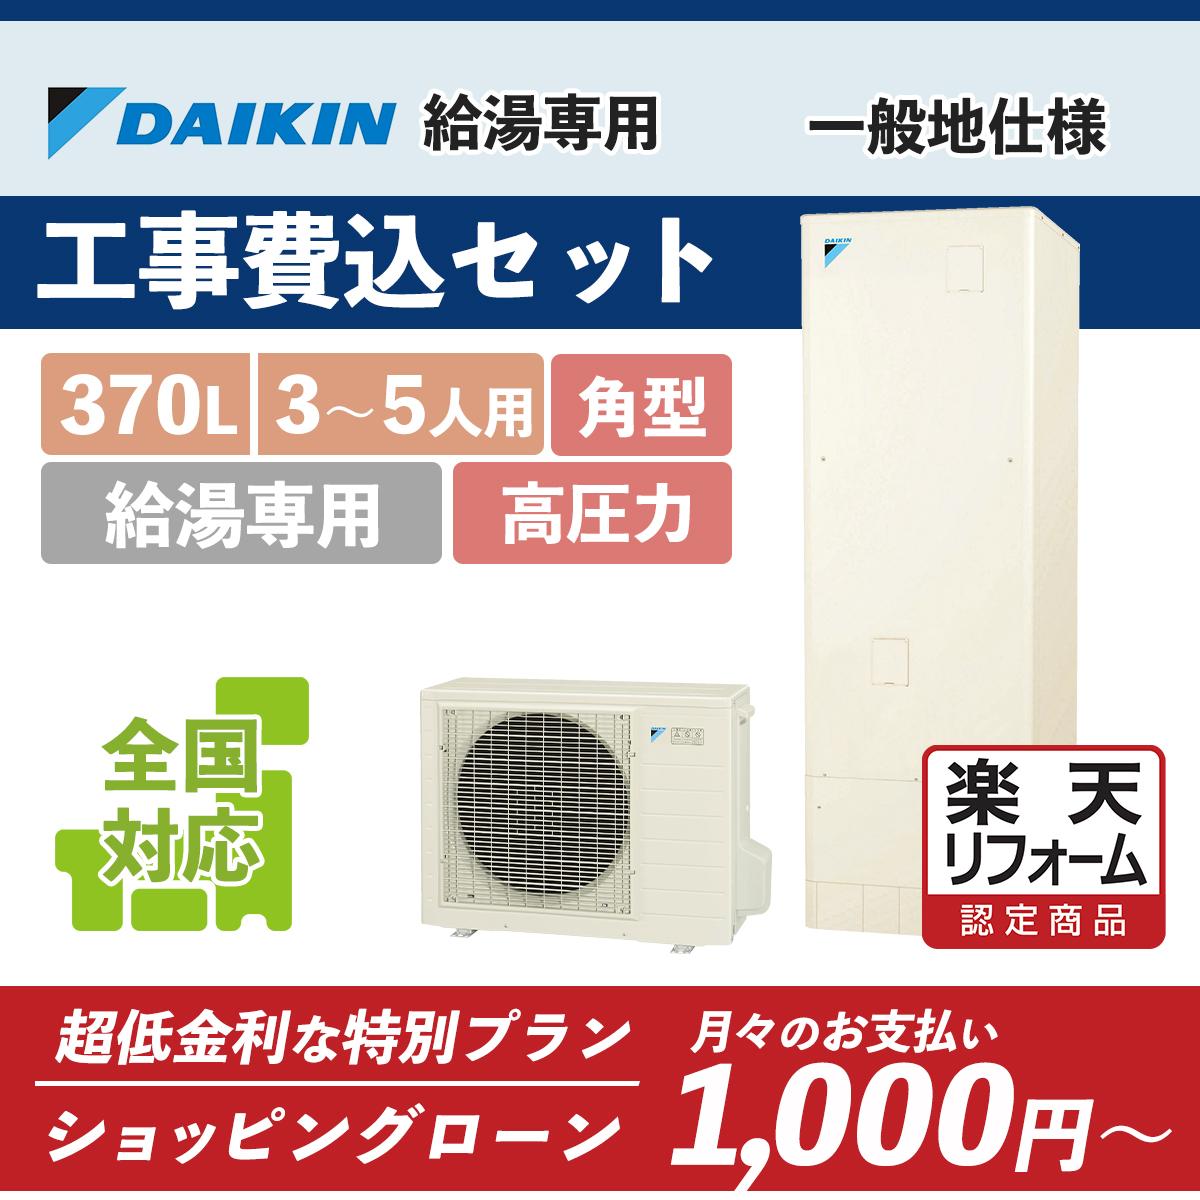 【リフォーム認定商品】EQ37UV ダイキン 角型 370L エコキュート工事費込み!全国対応!リモコンセット,給湯器,交換工事費込み,給湯専用,DAIKIN,高圧